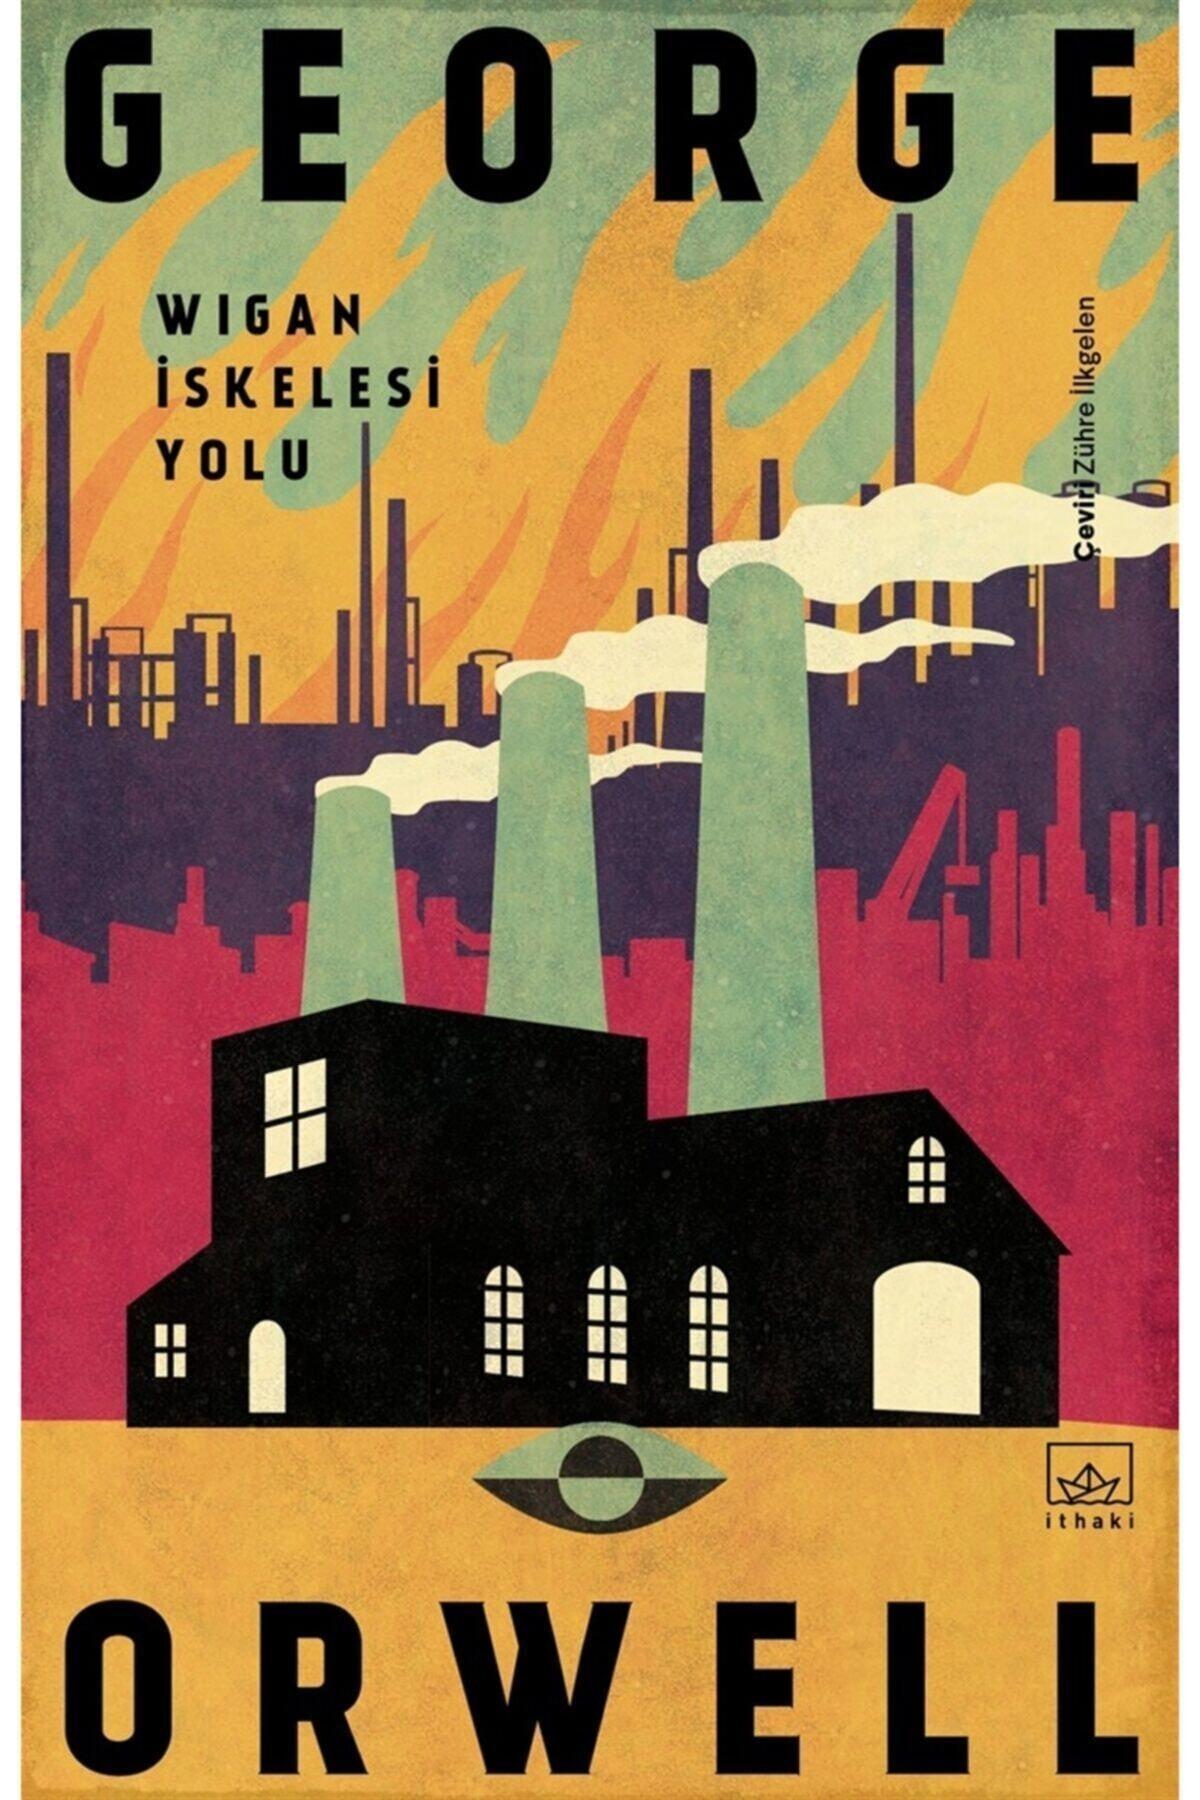 İthaki Yayınları Wigan Iskelesi Yolu George Orwell 1